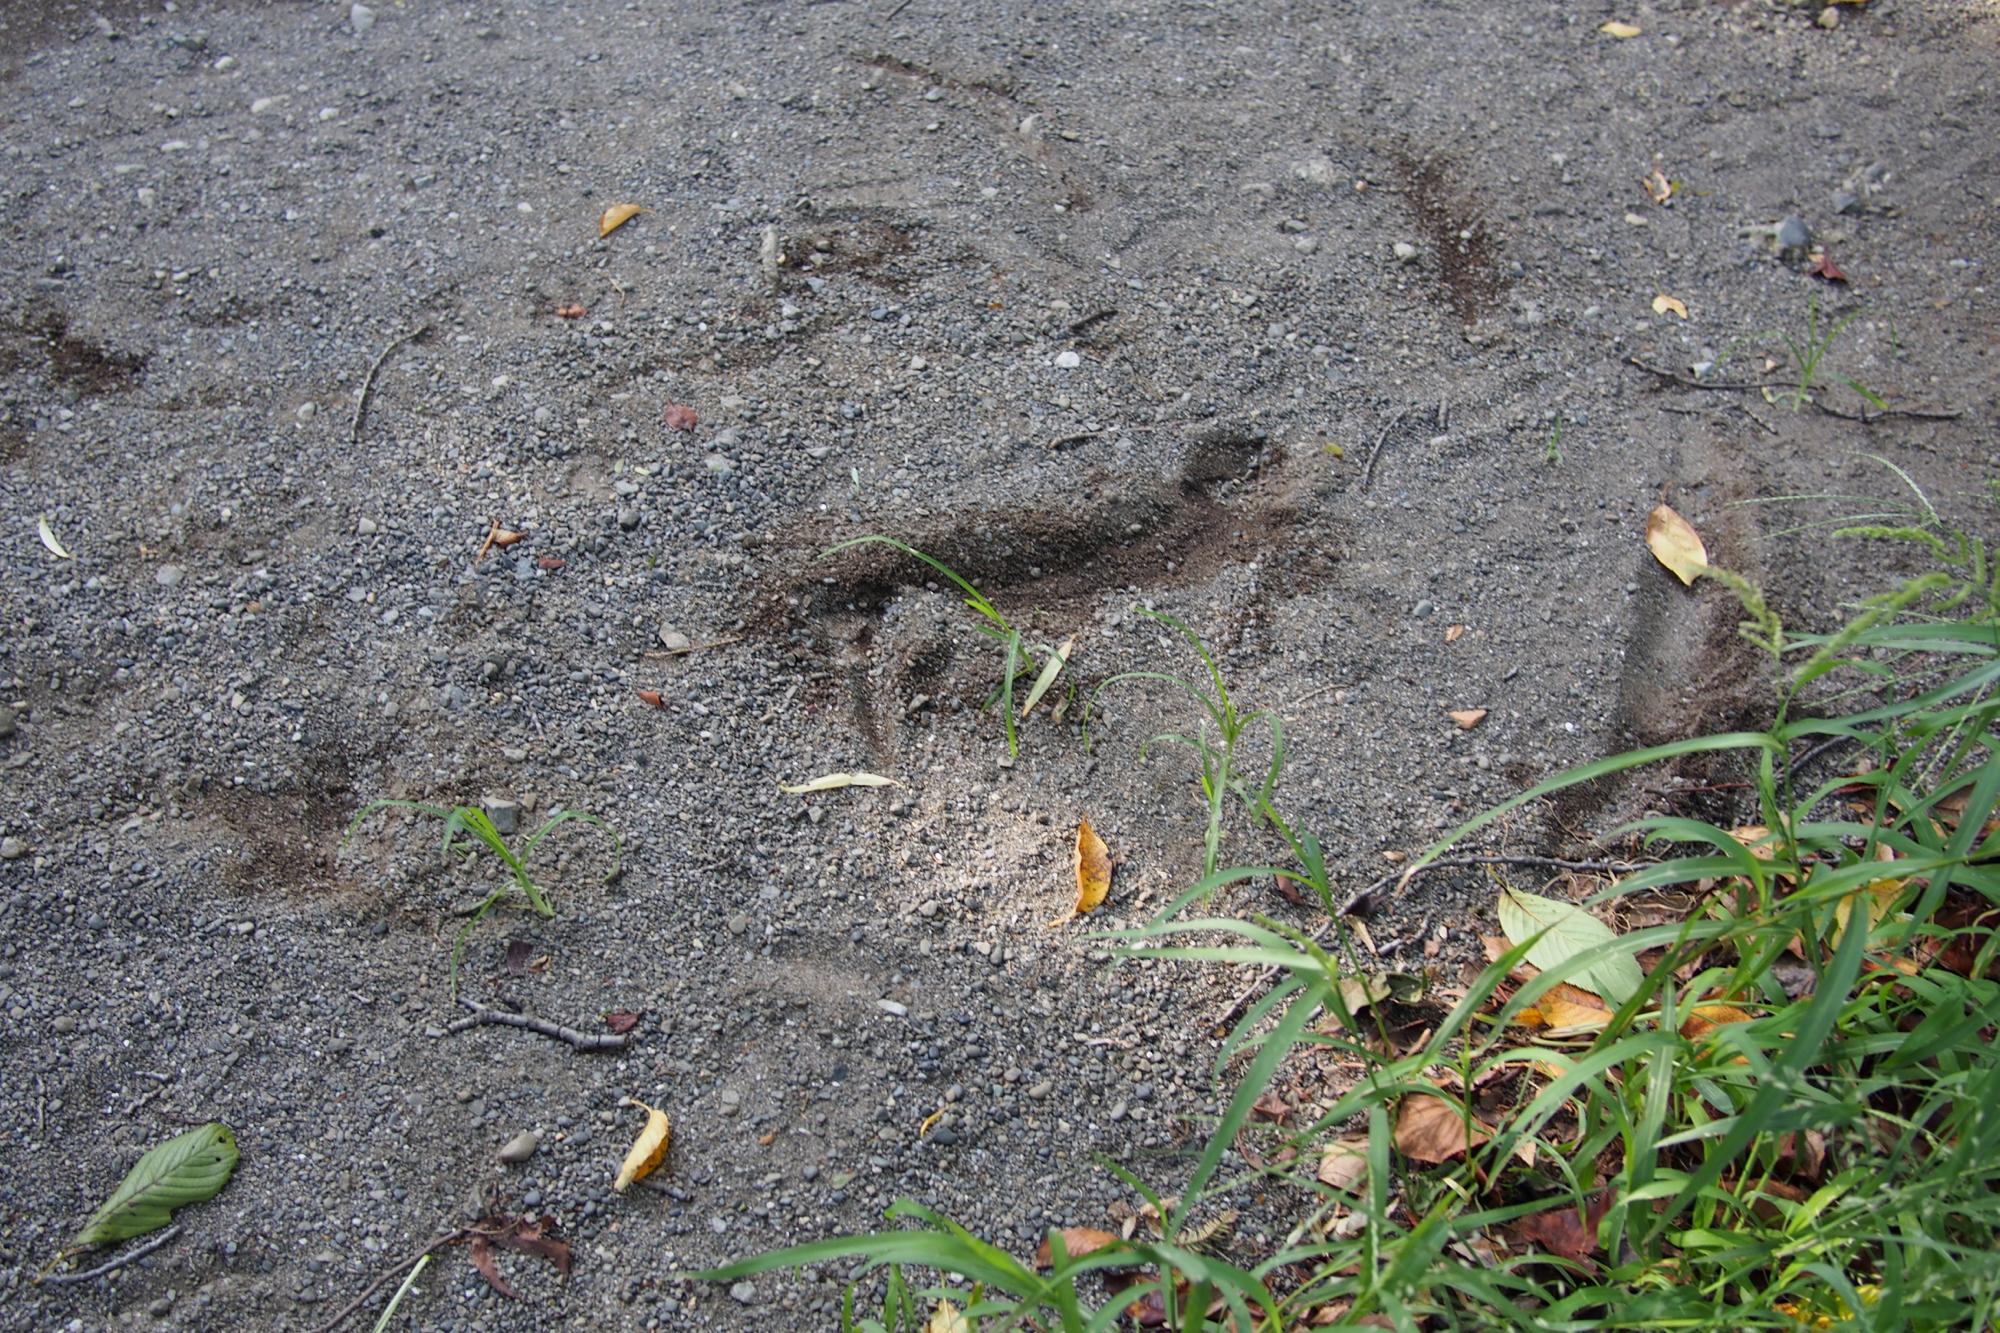 低速の急旋回で砂地に前輪を取られてしまい